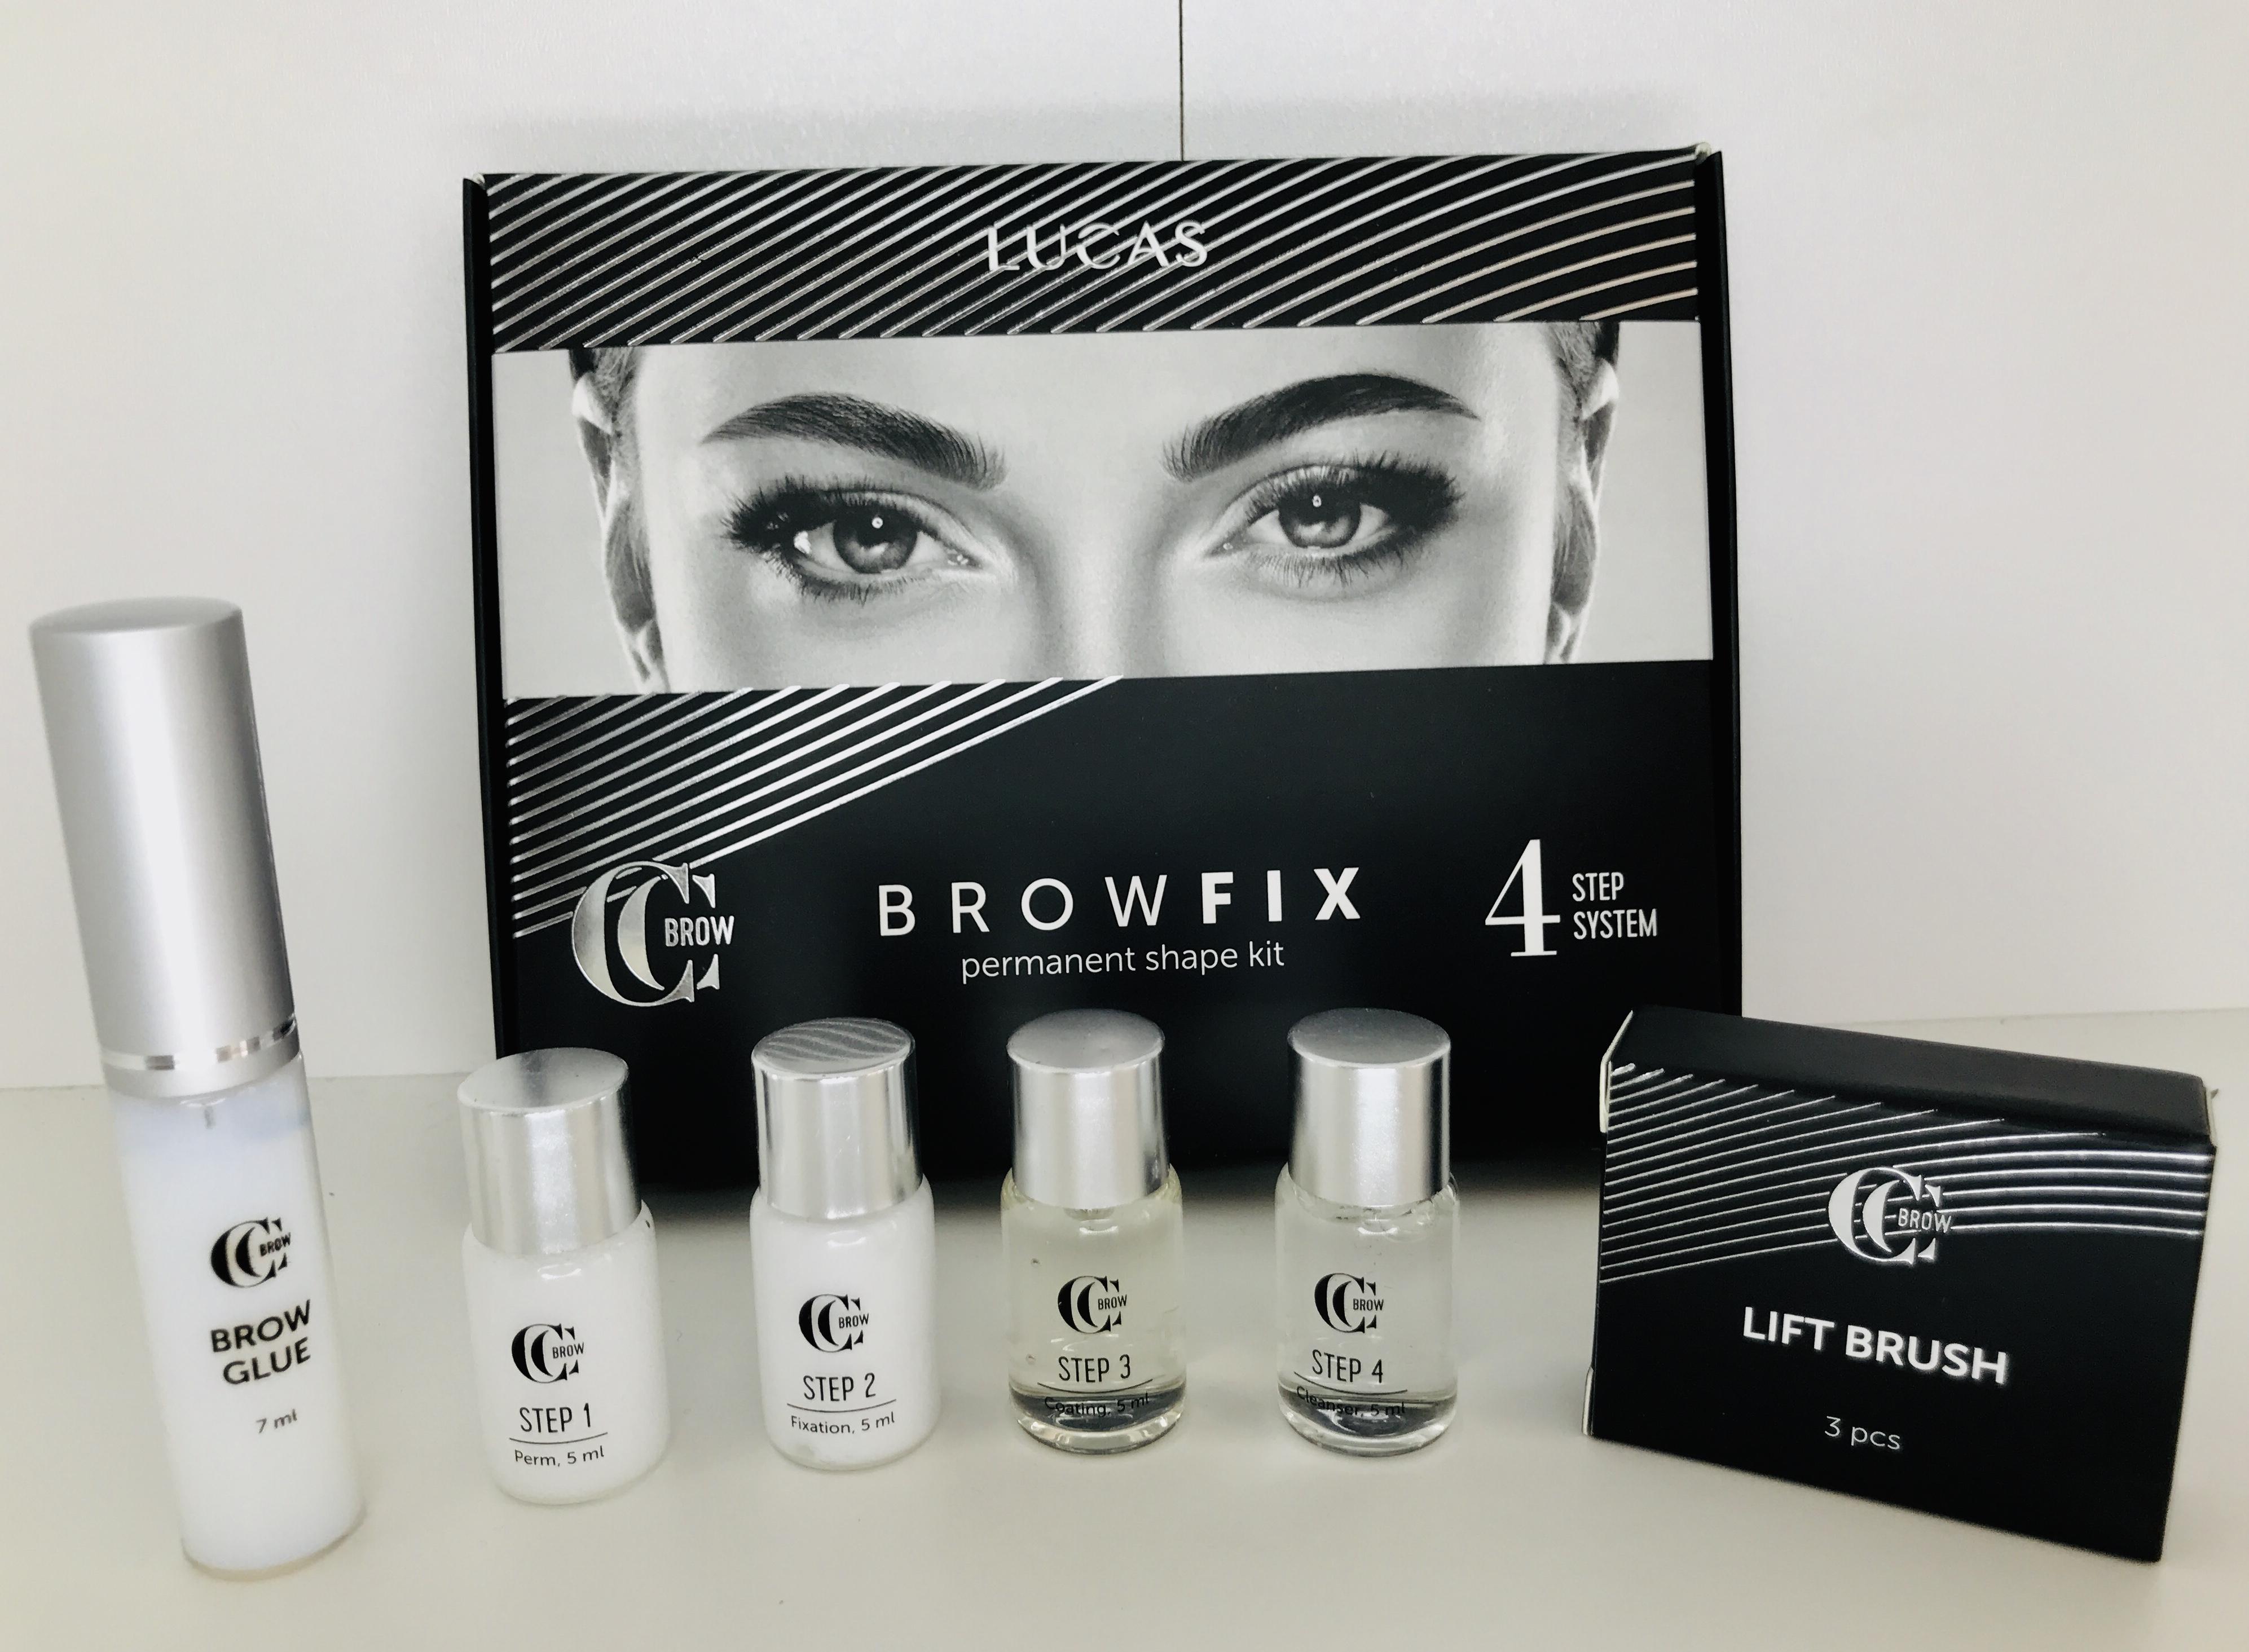 Набор для долговременной укладки бровей CC Brow BROWFIX: фото